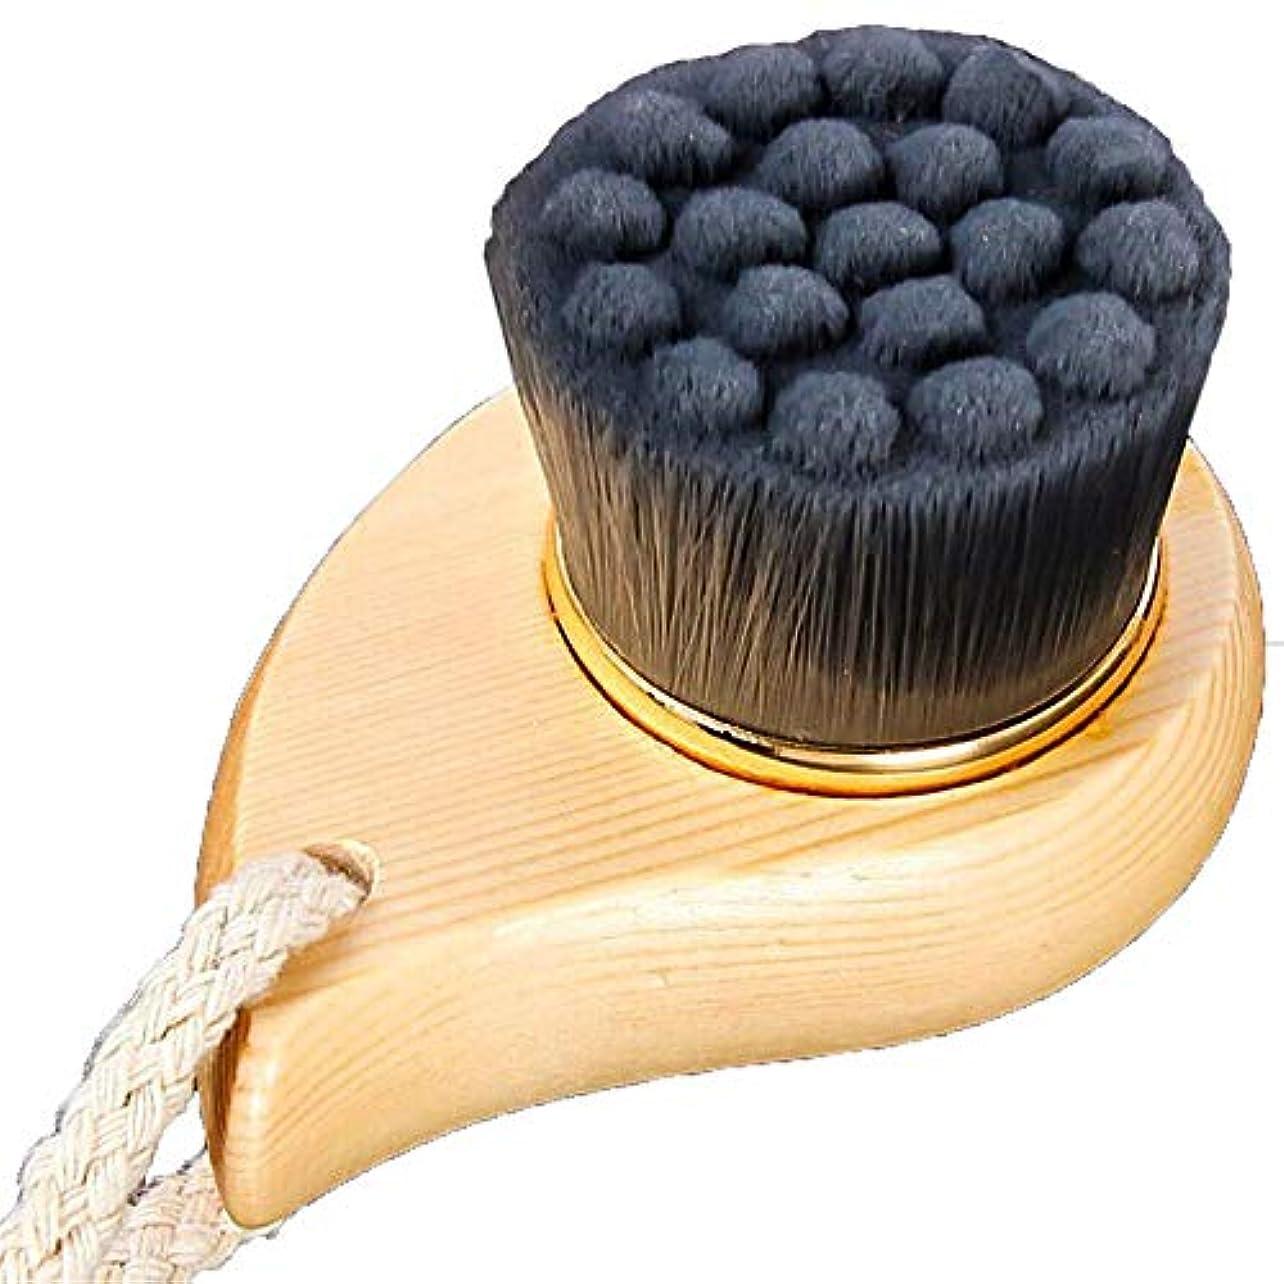 休眠元のなに洗顔ブラシ 深い毛穴のための柔らかい剛毛の表面クリーニングの美のブラシの清潔になることの美顔術のブラシ ディープクレンジングスキンケア用